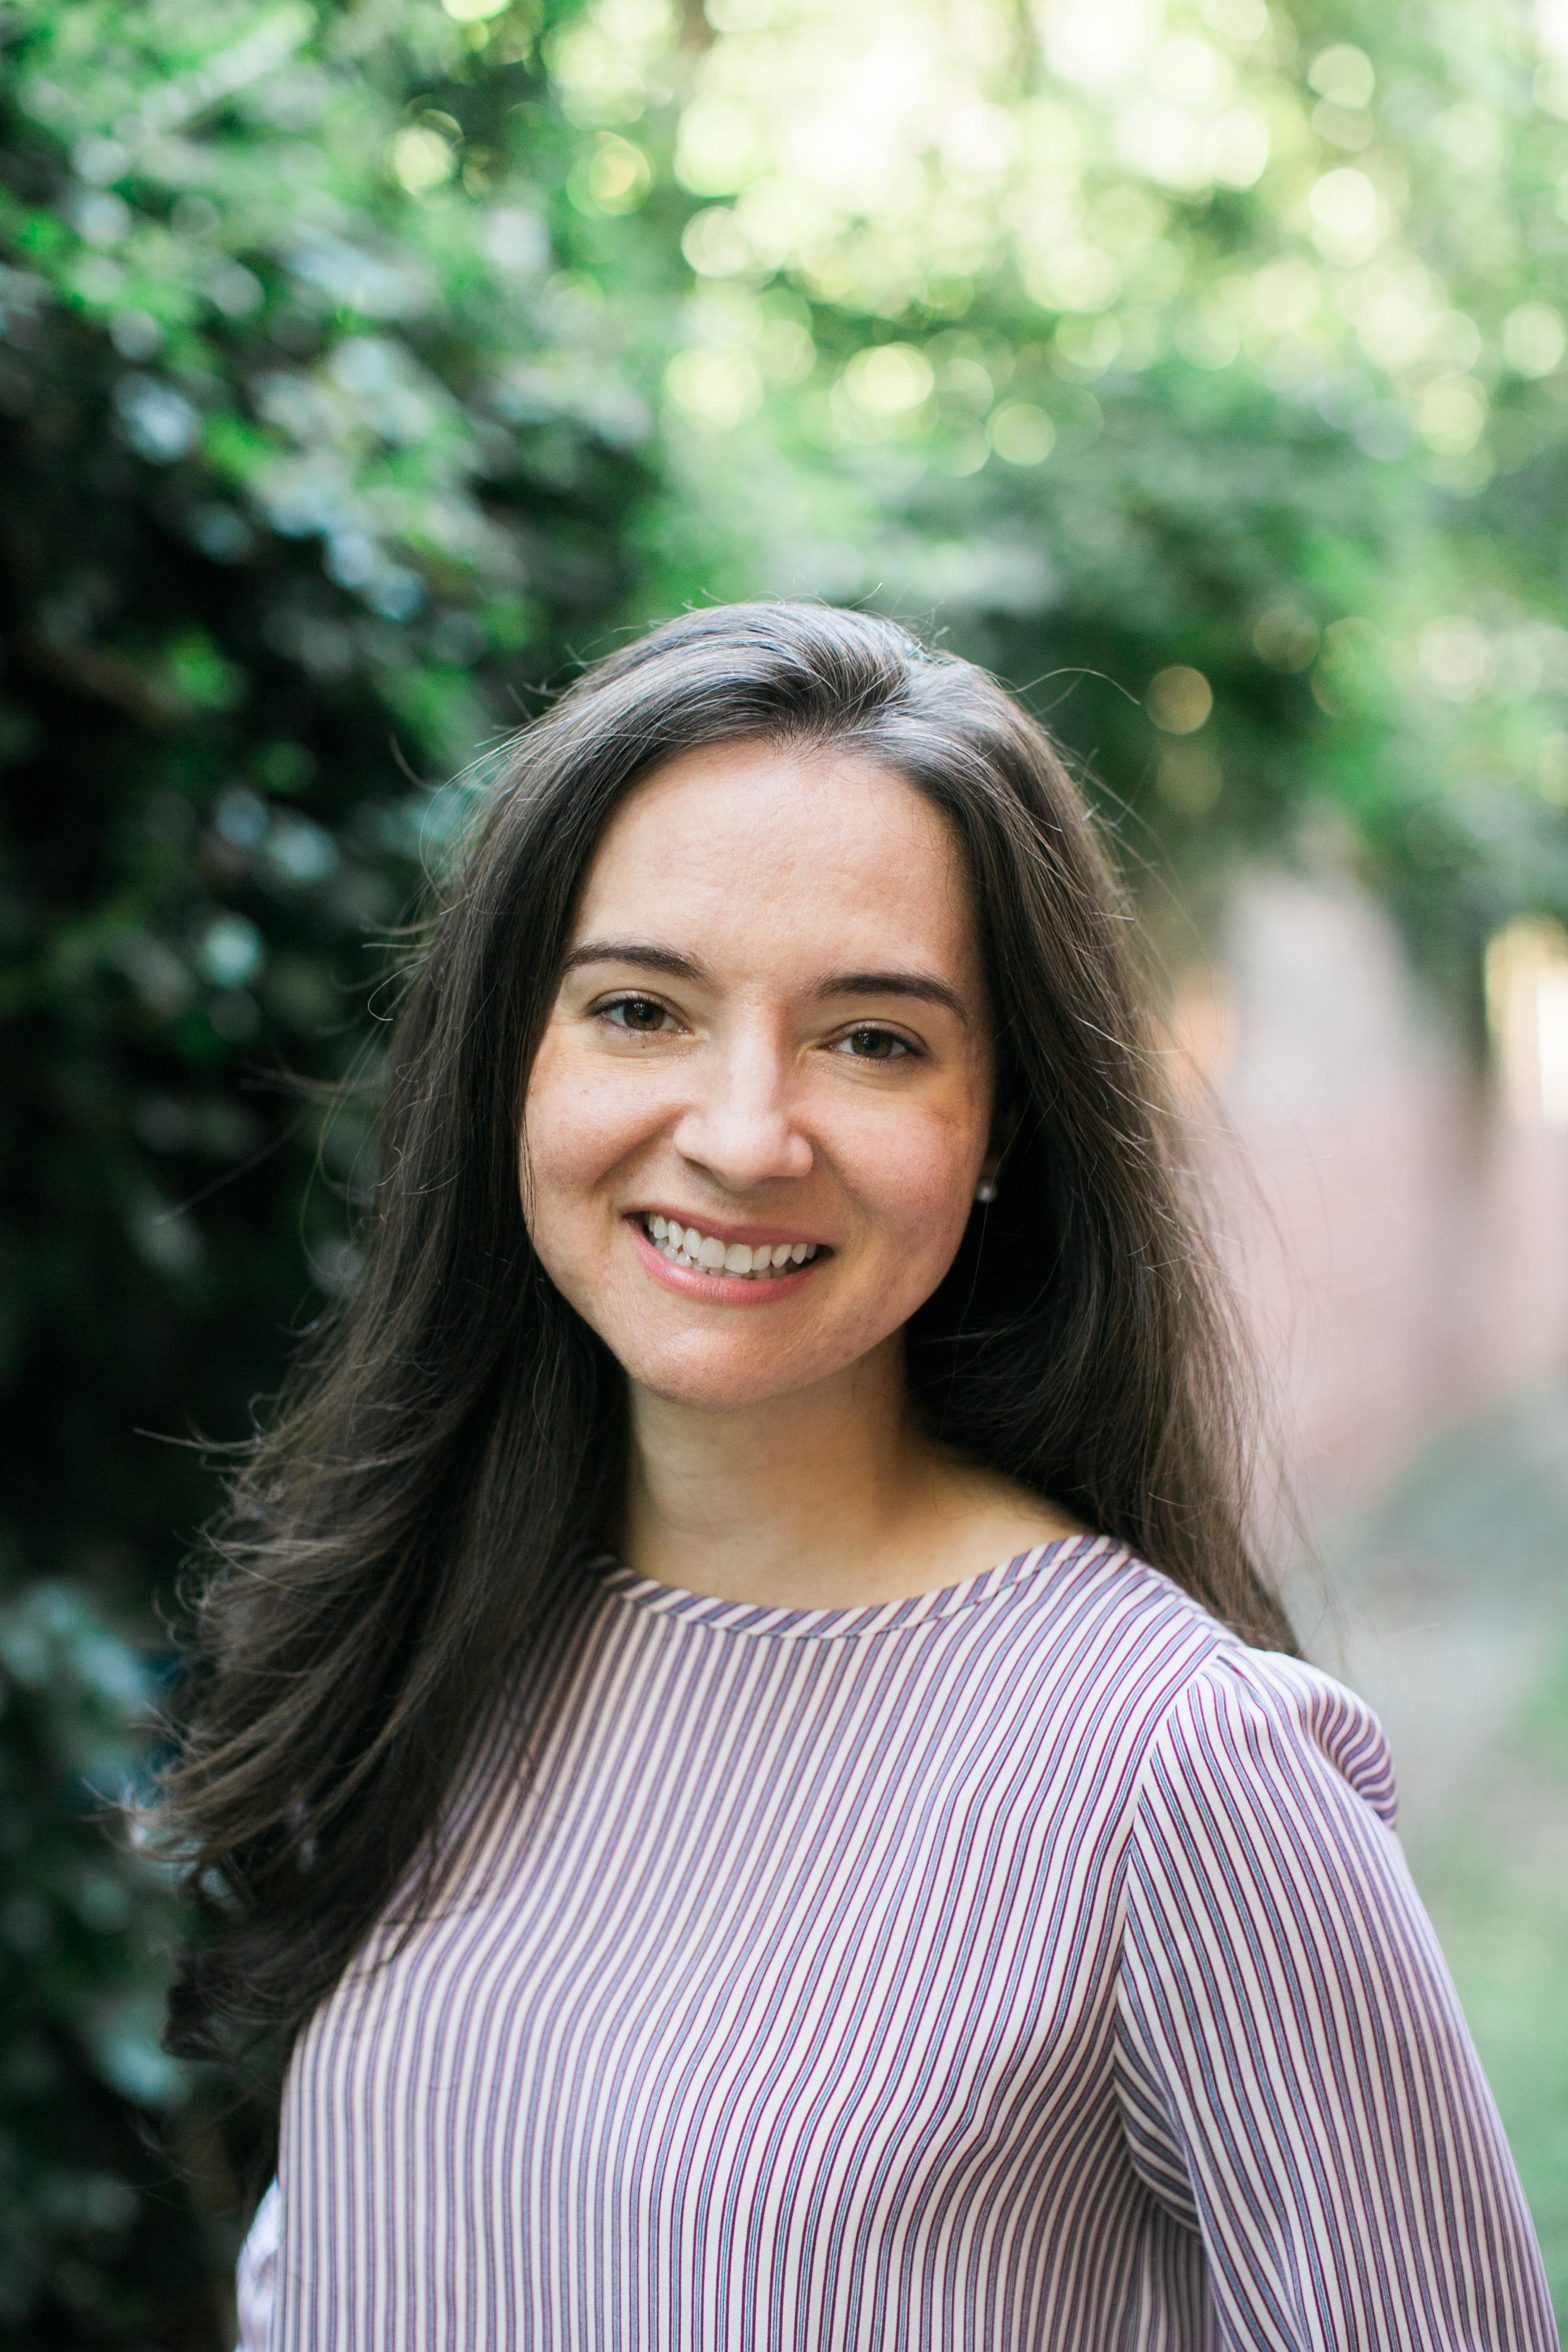 Serennah Harding